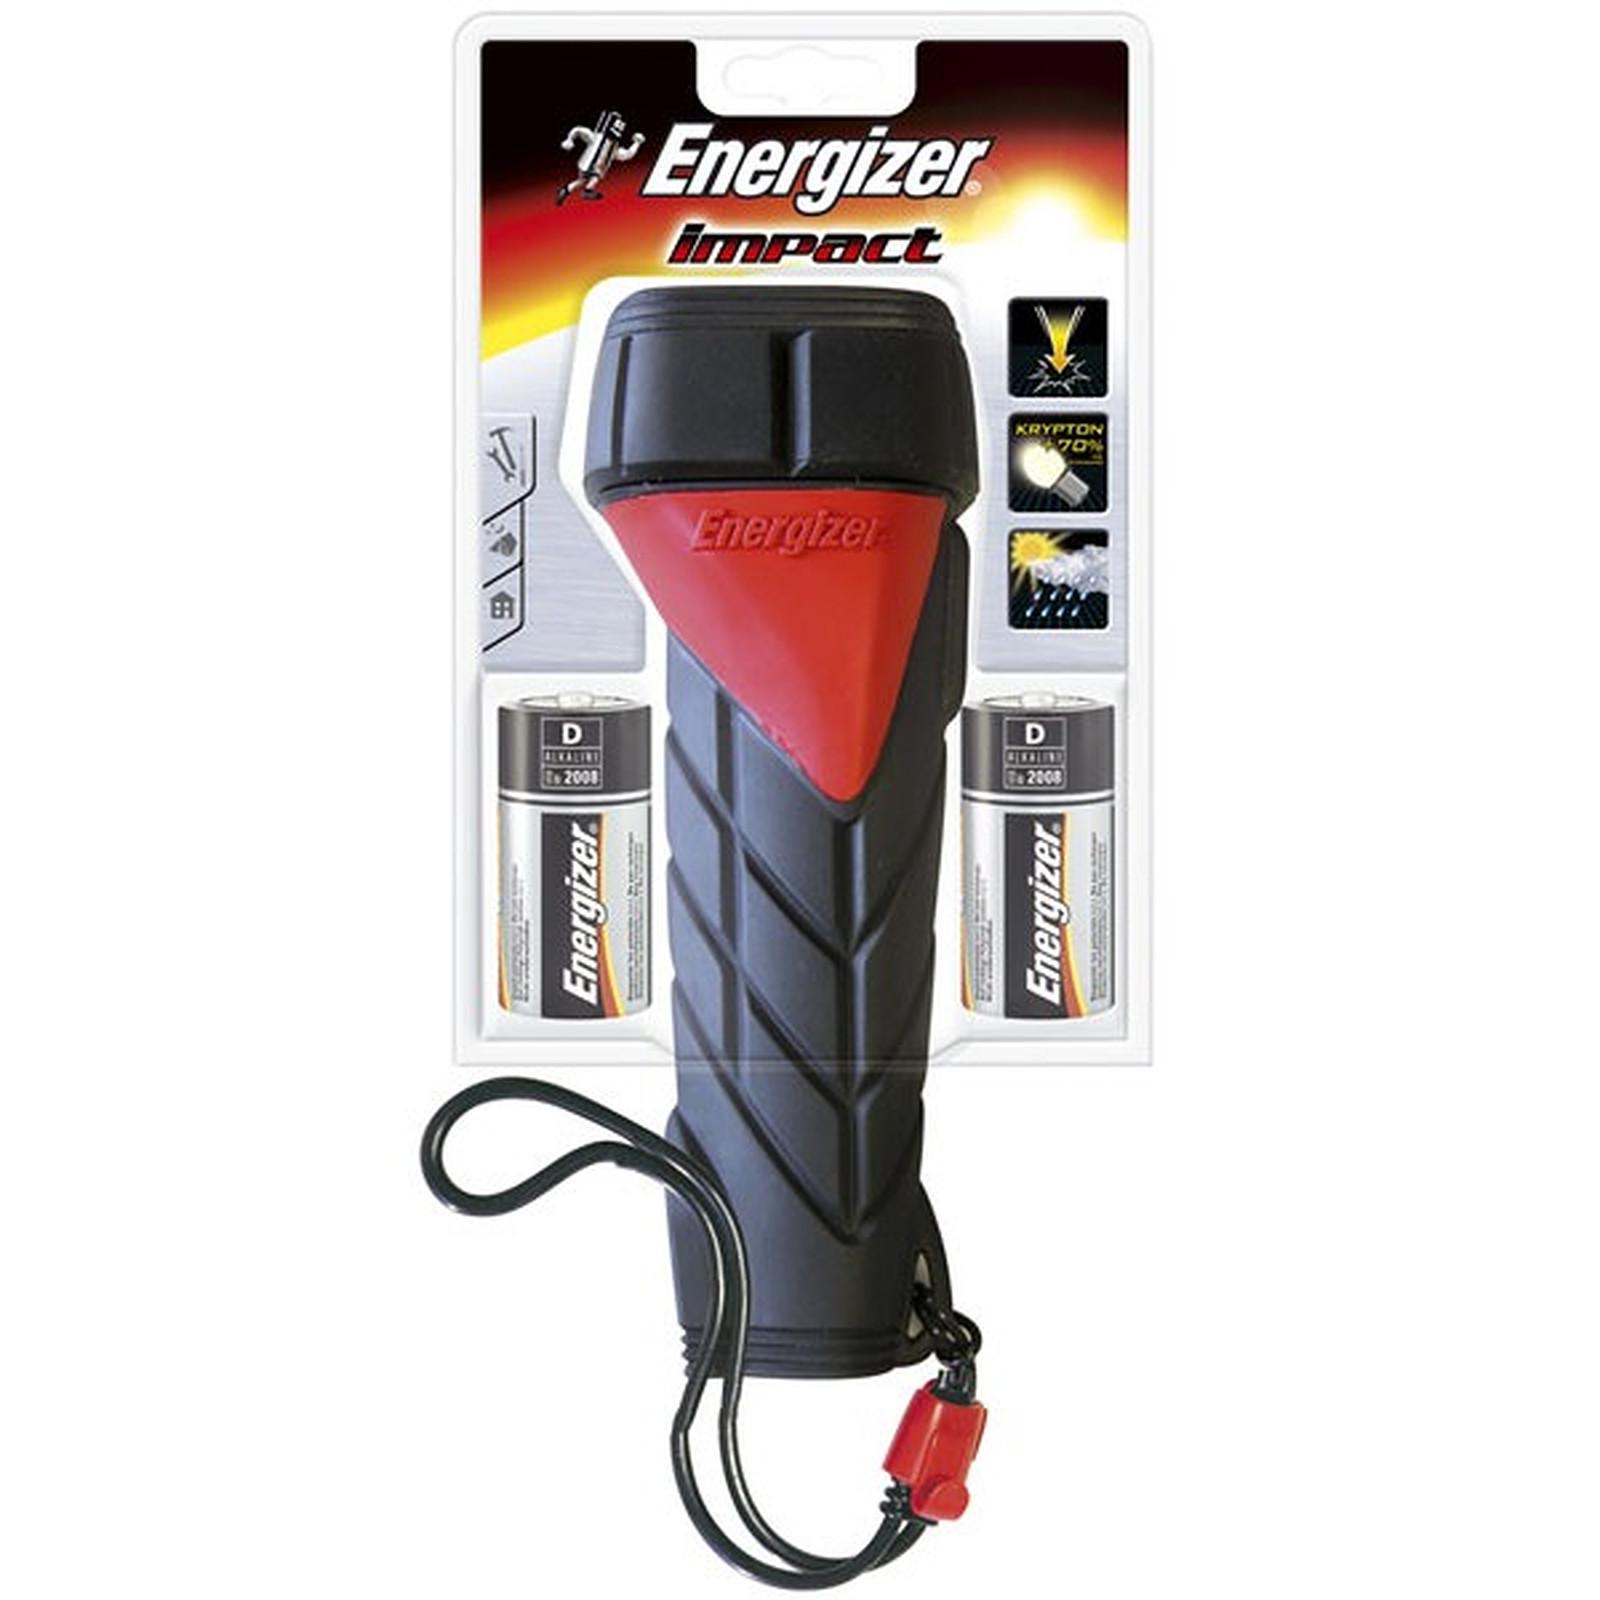 Energizer Impact 2D